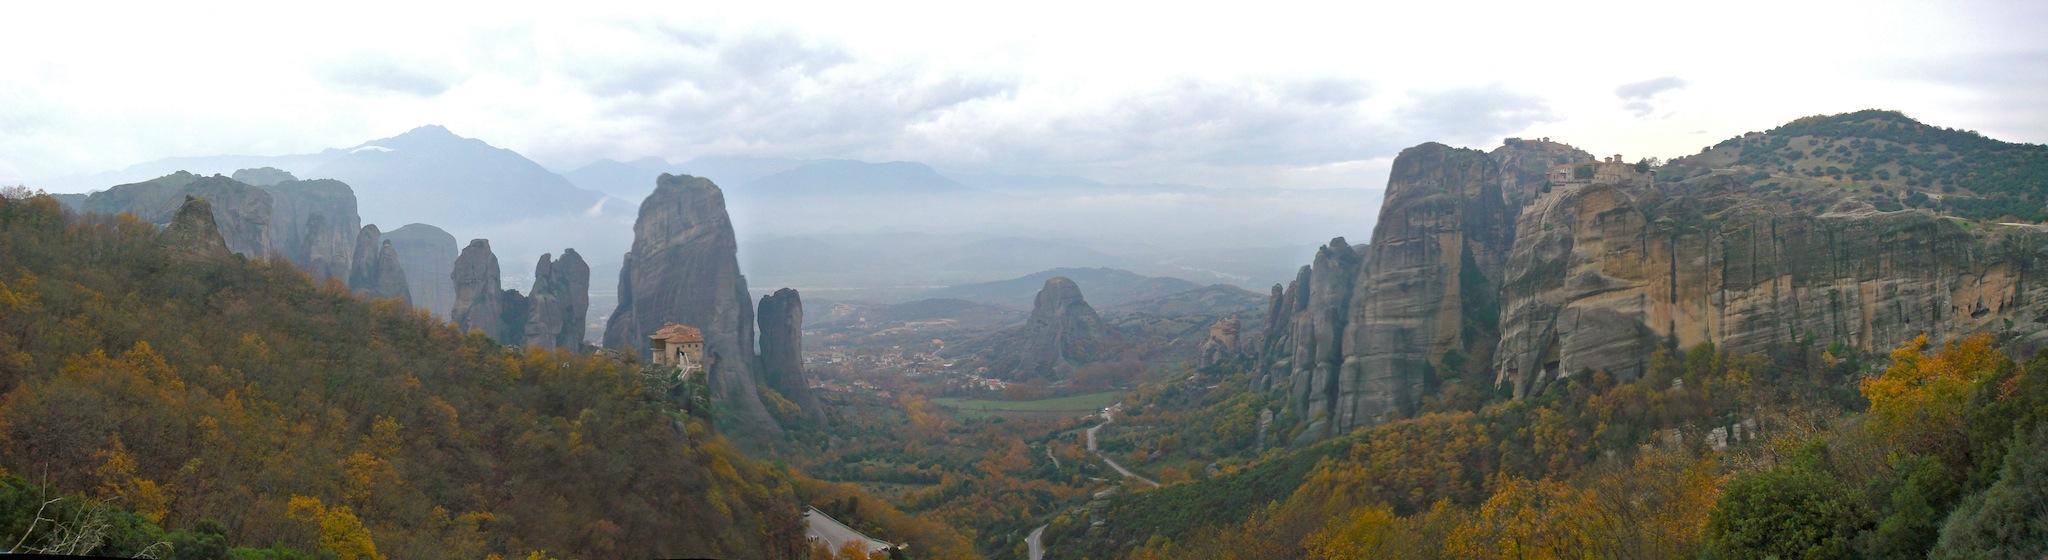 Meteora Valley